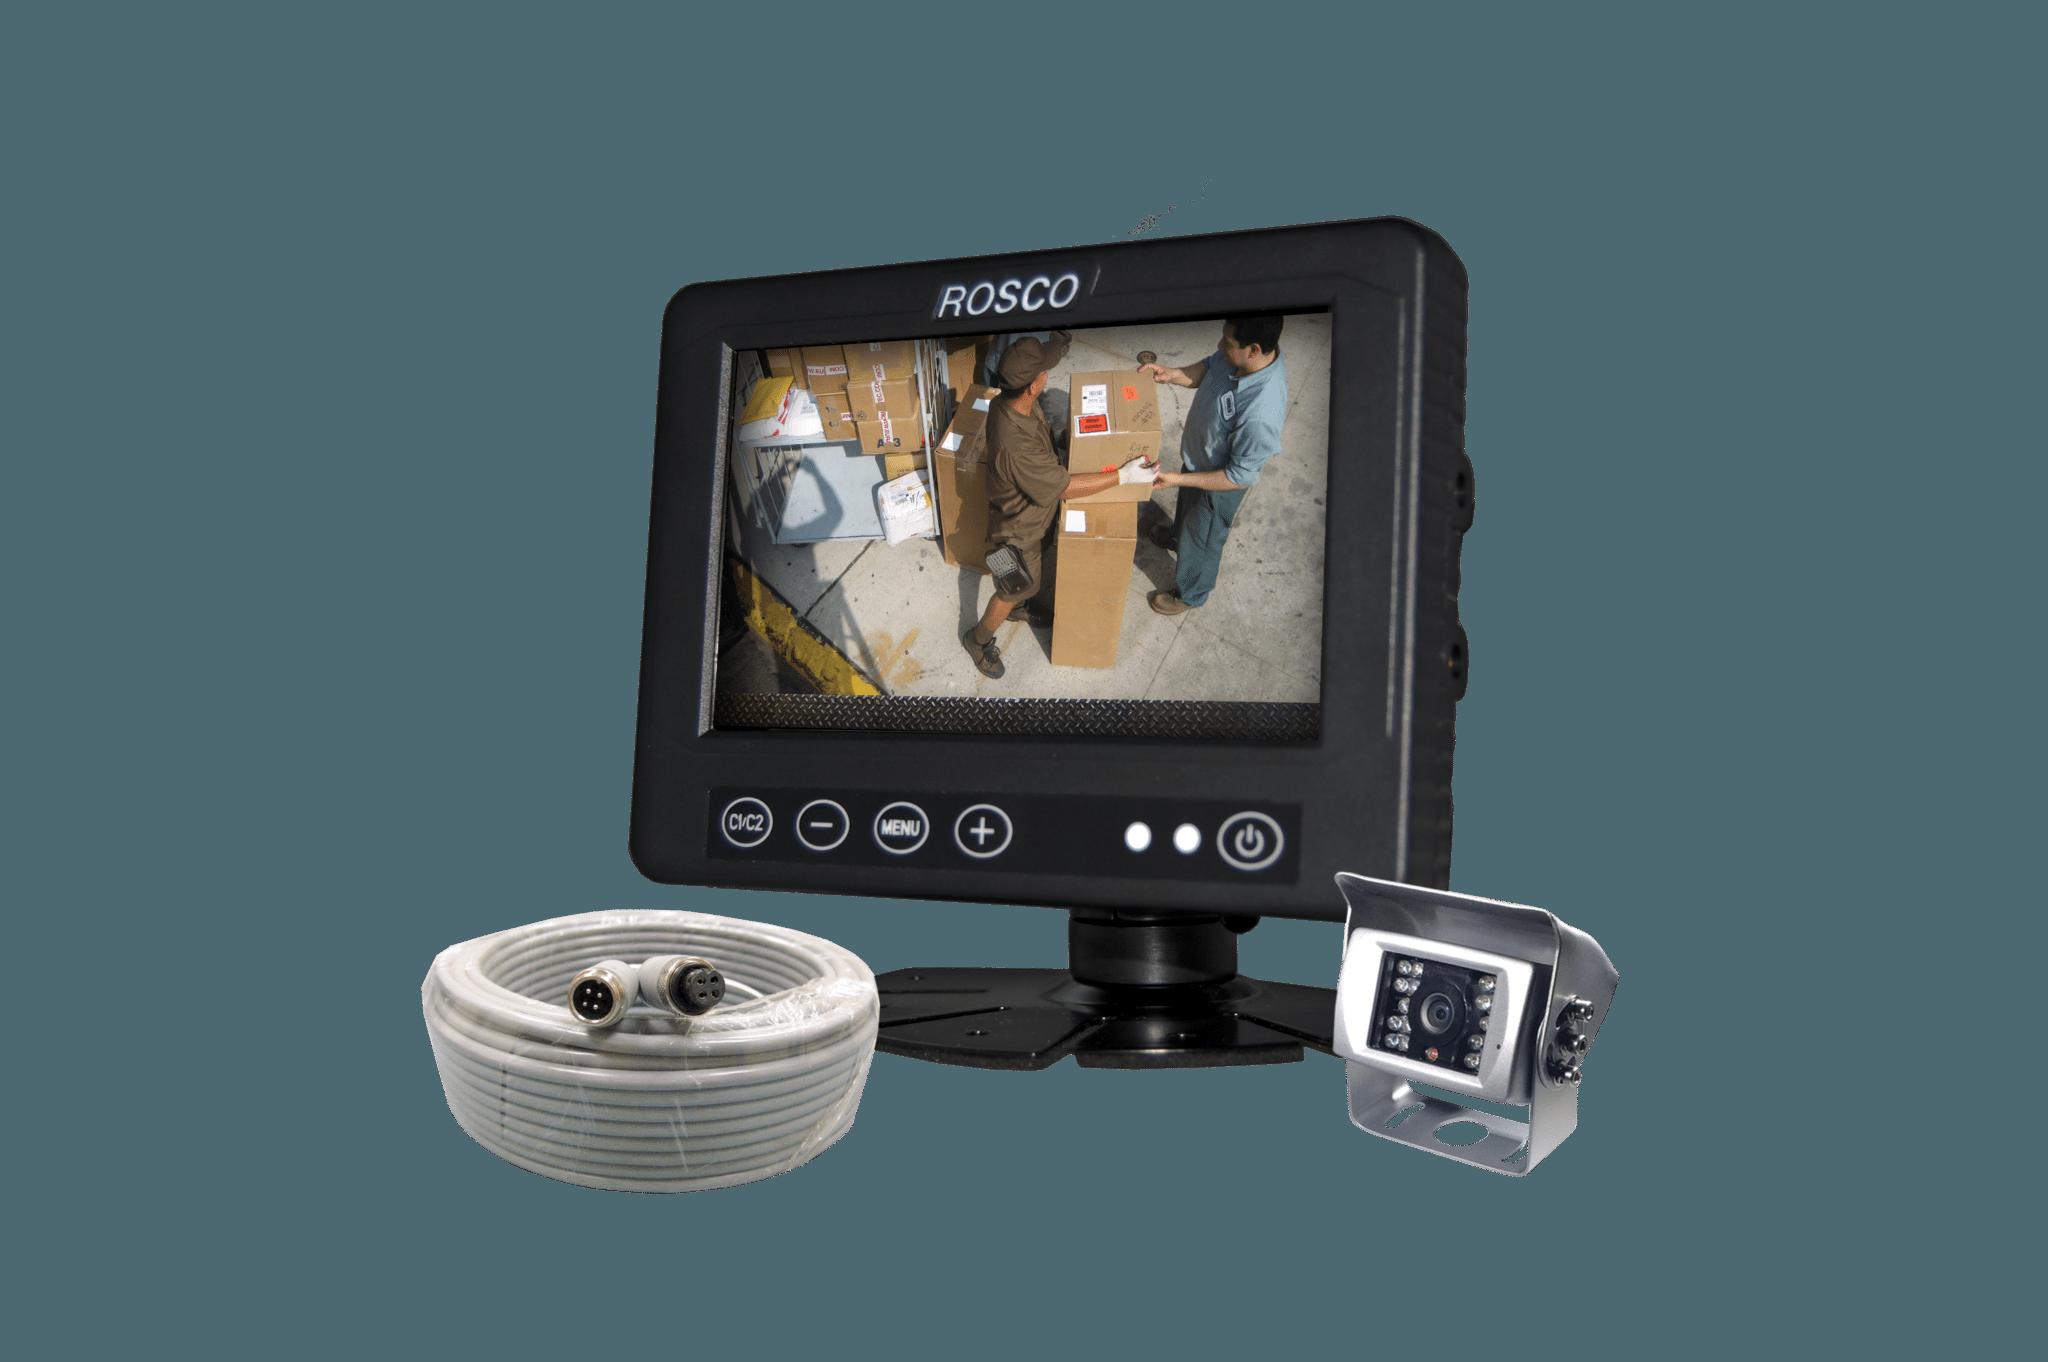 premium dash camera solutions